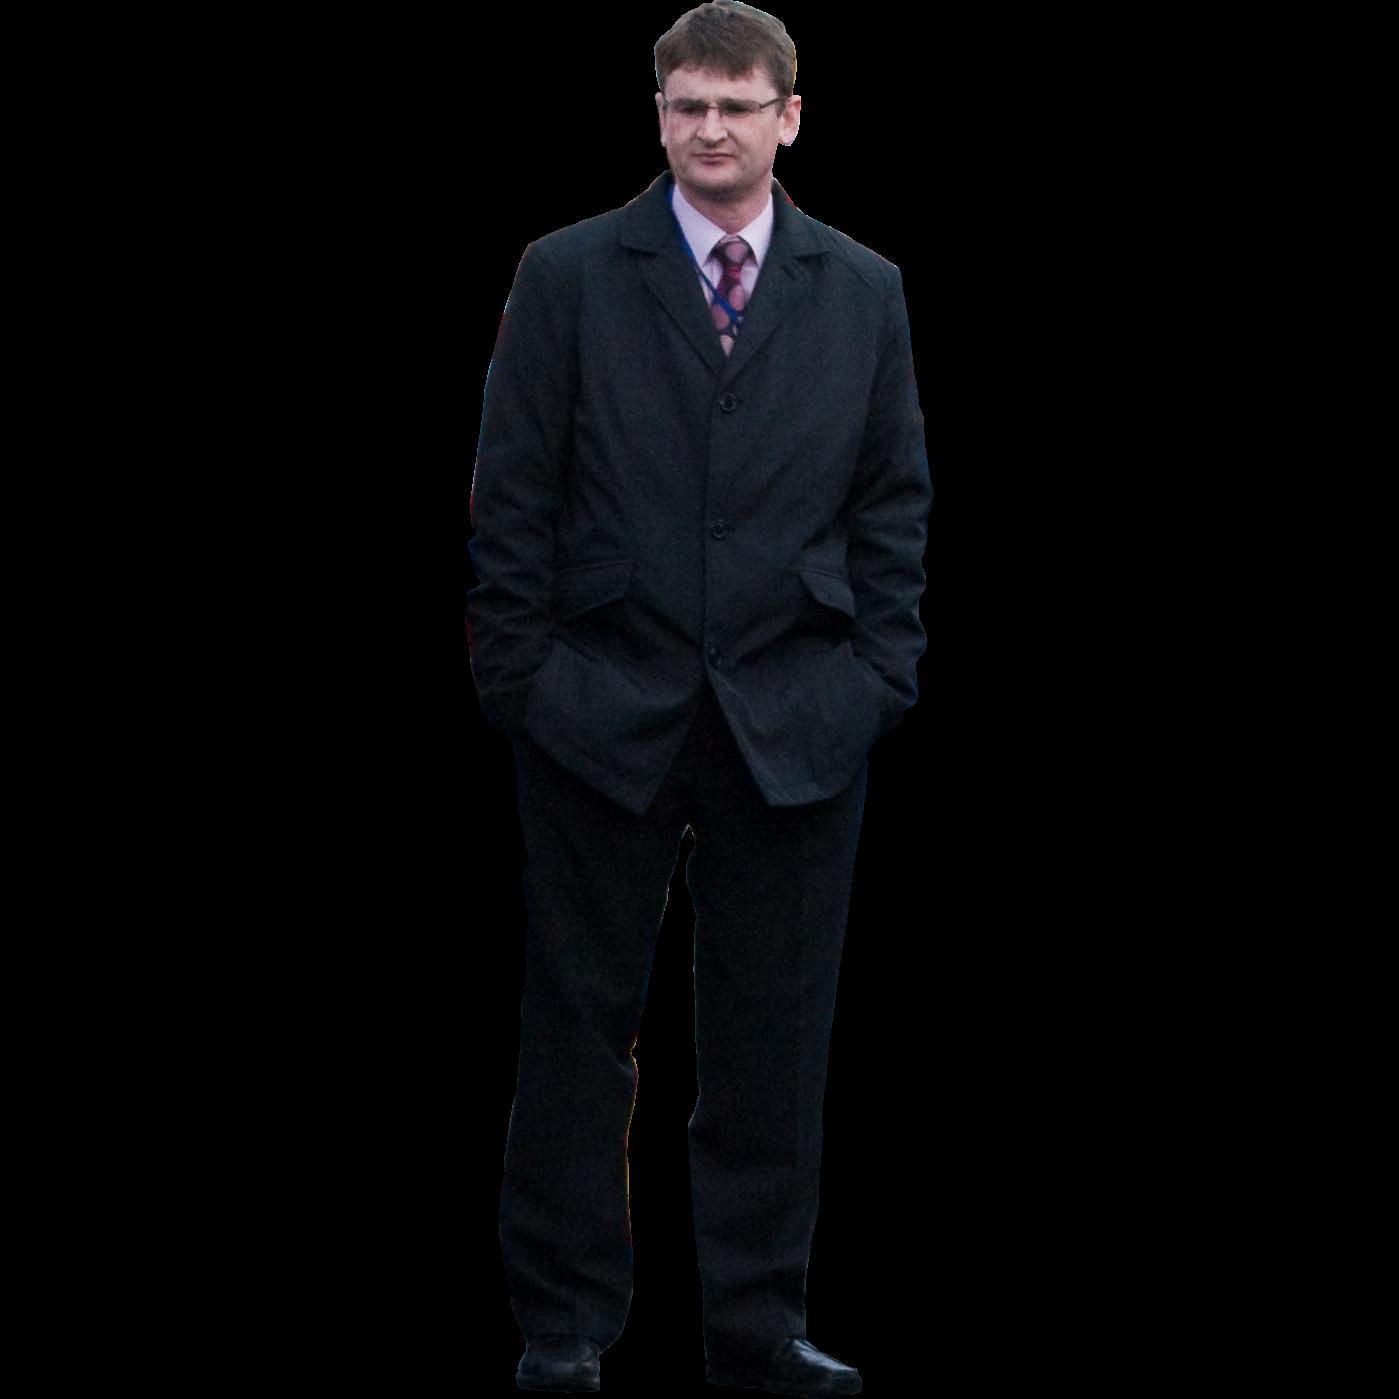 Suit PNG Transparent Images.